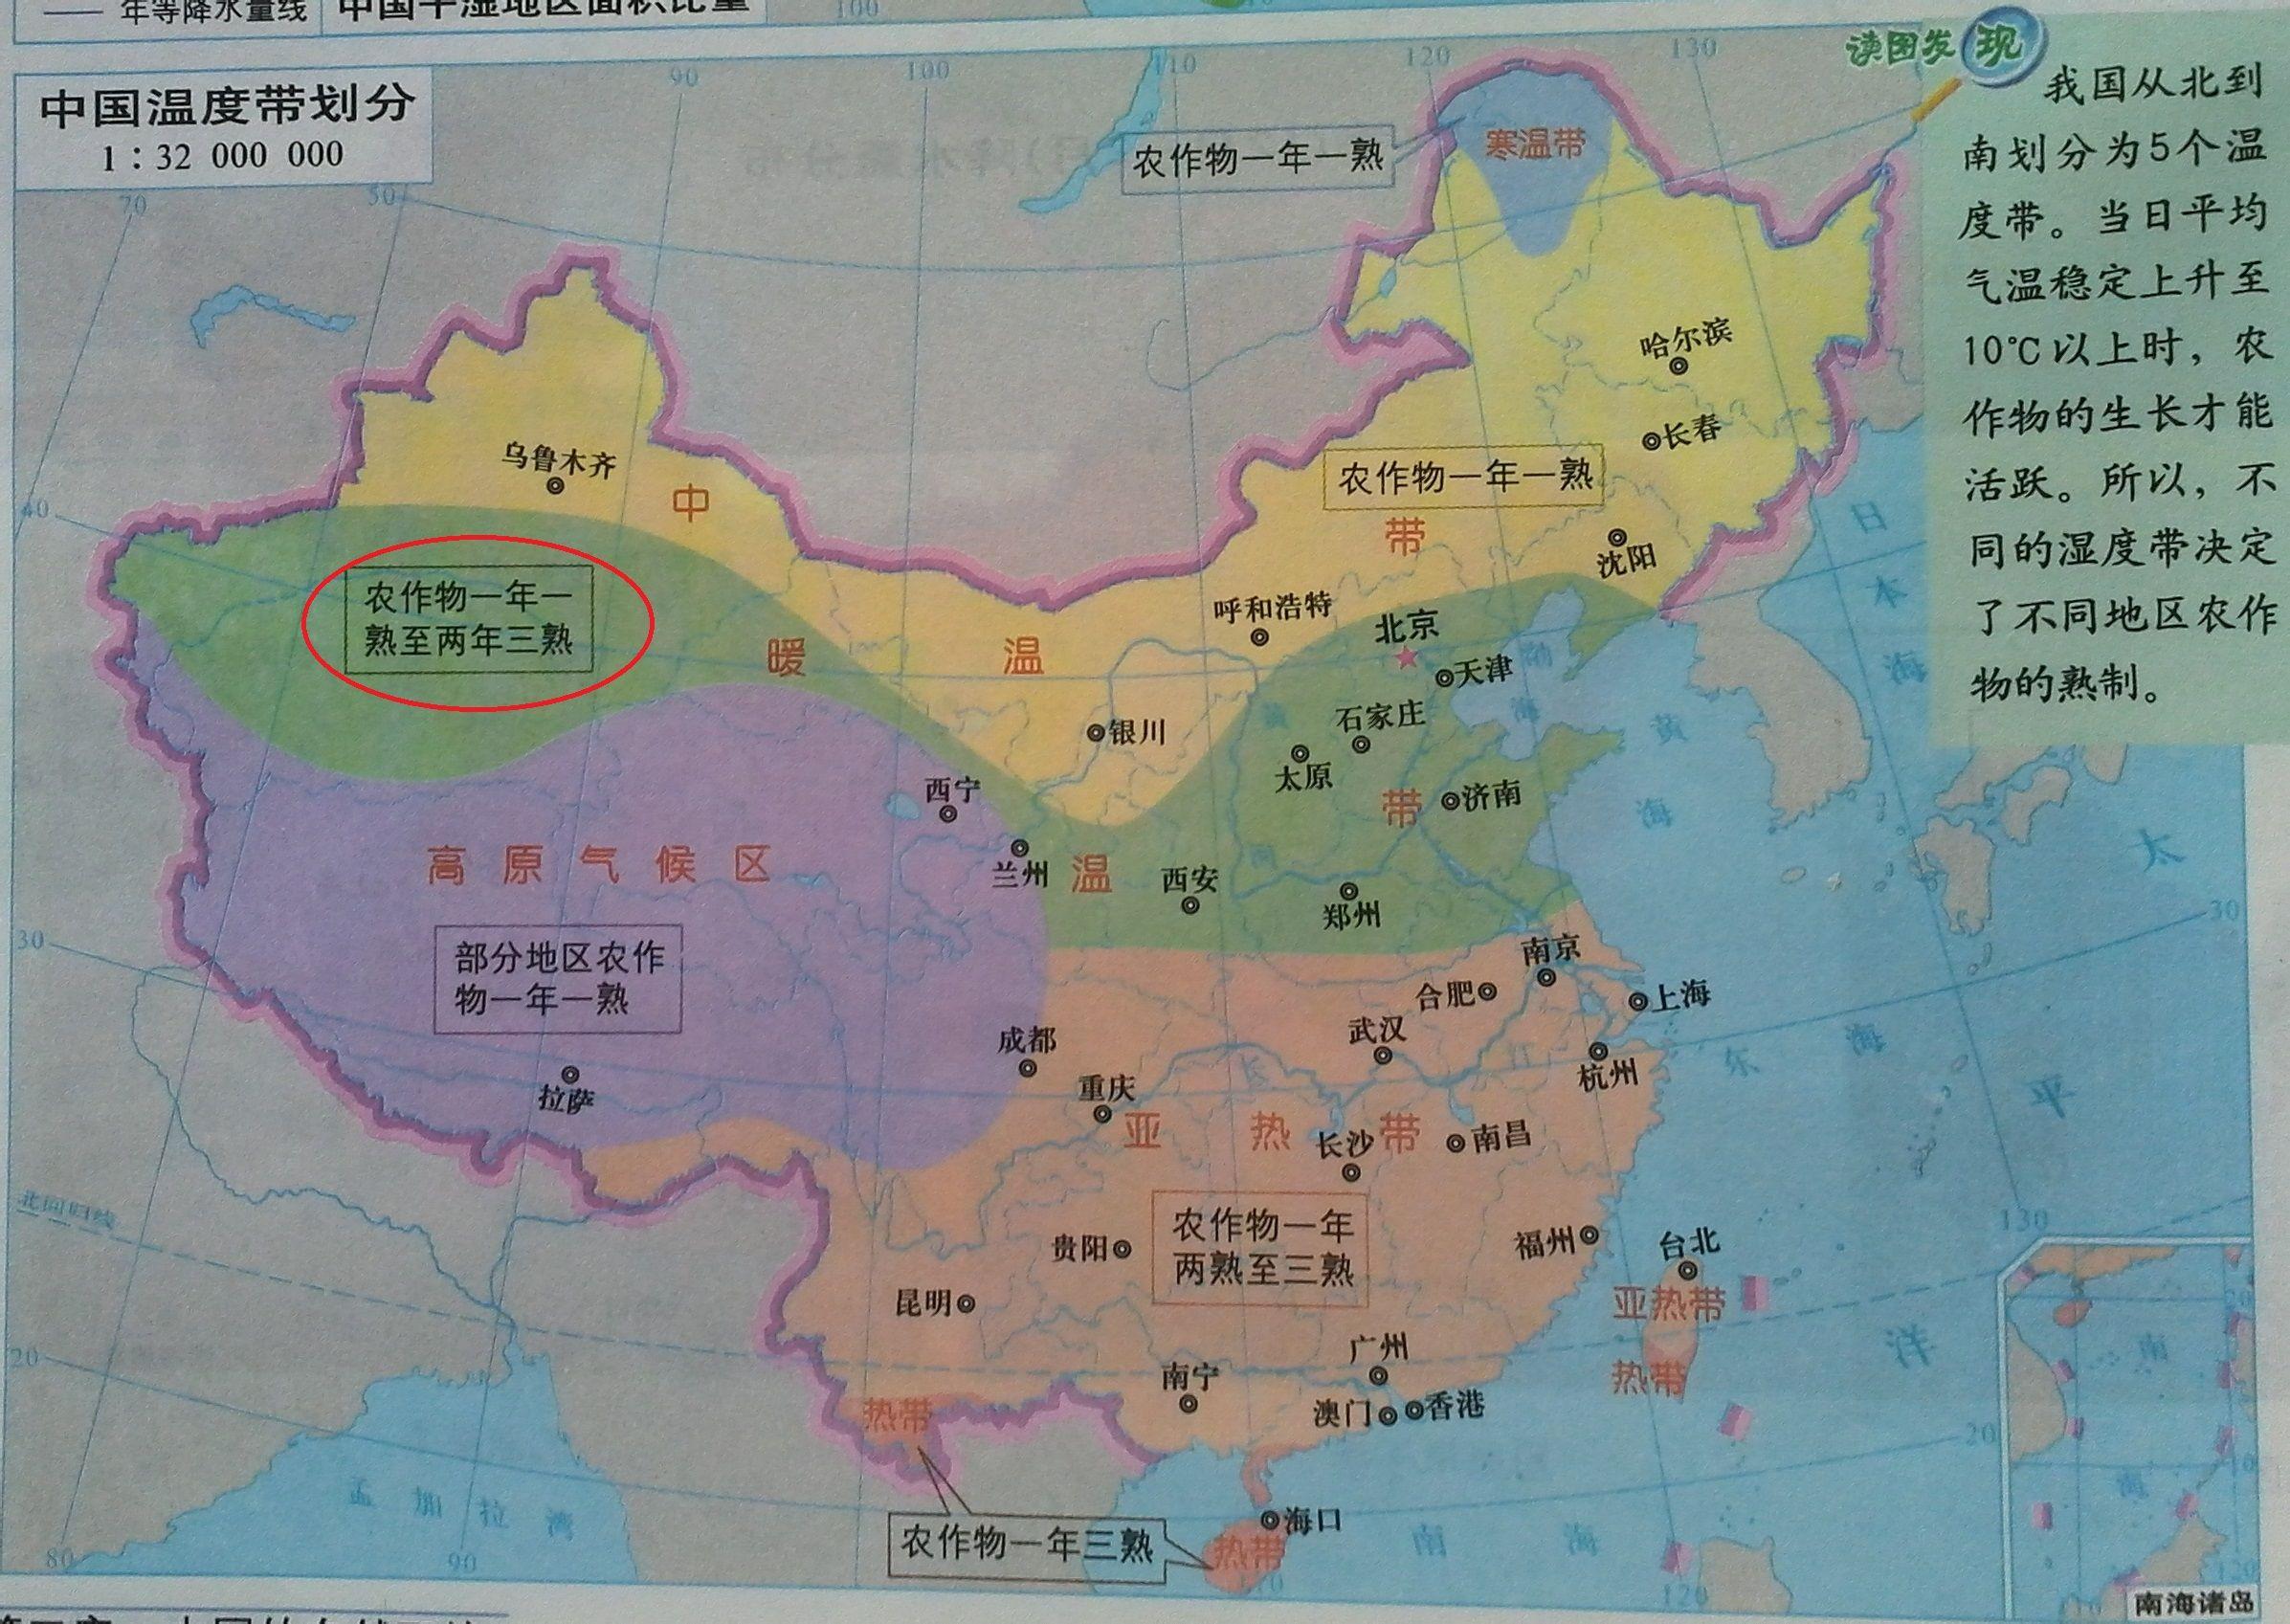 七年级地理上册地球和地图中图版试题-学路网-学习路